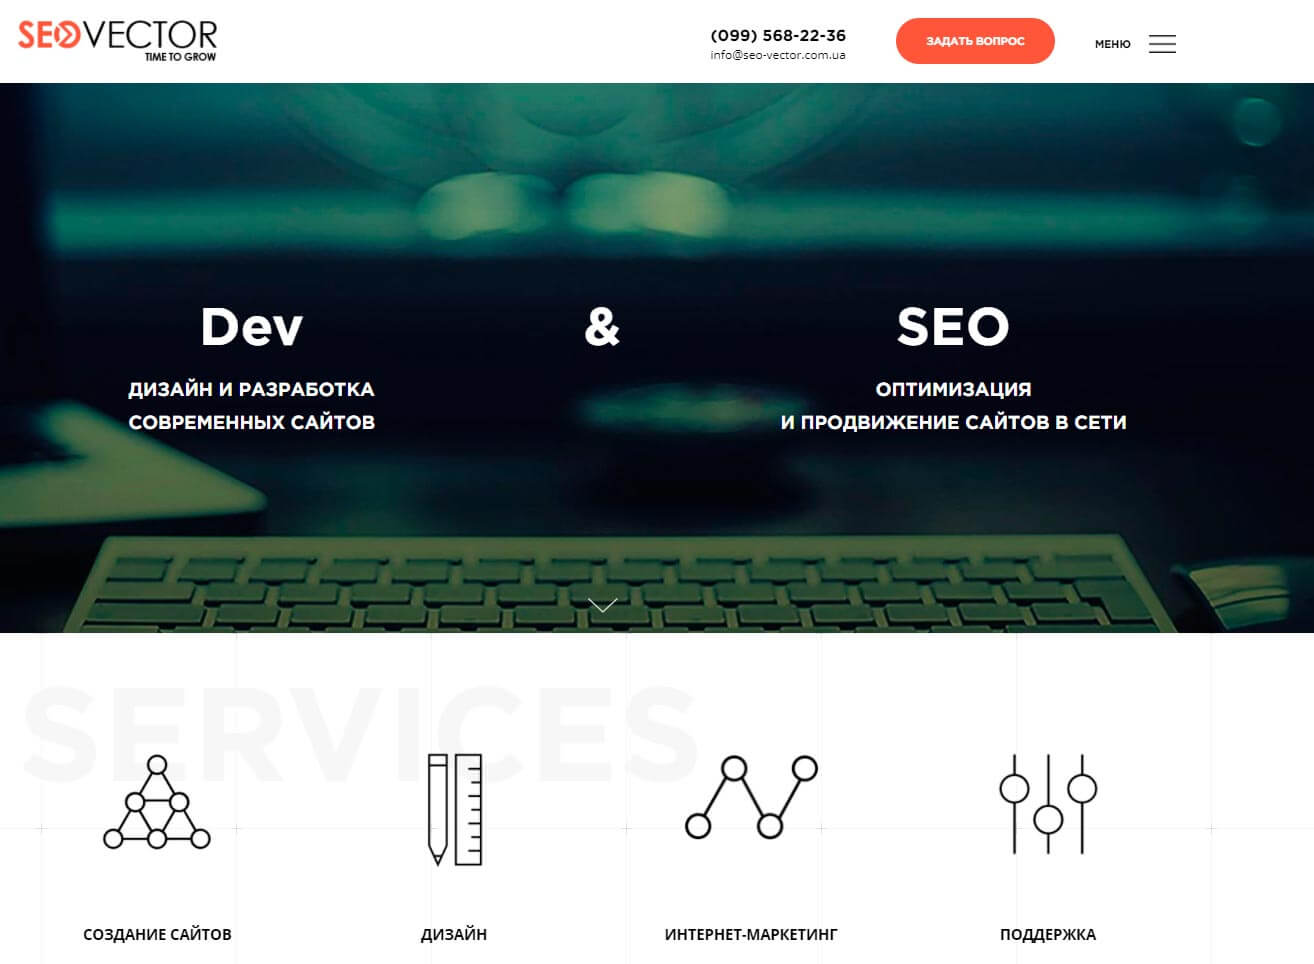 SEO-Vector - обзор компании, услуги, отзывы, клиенты   Google SEO, Фото № 1 - google-seo.pro